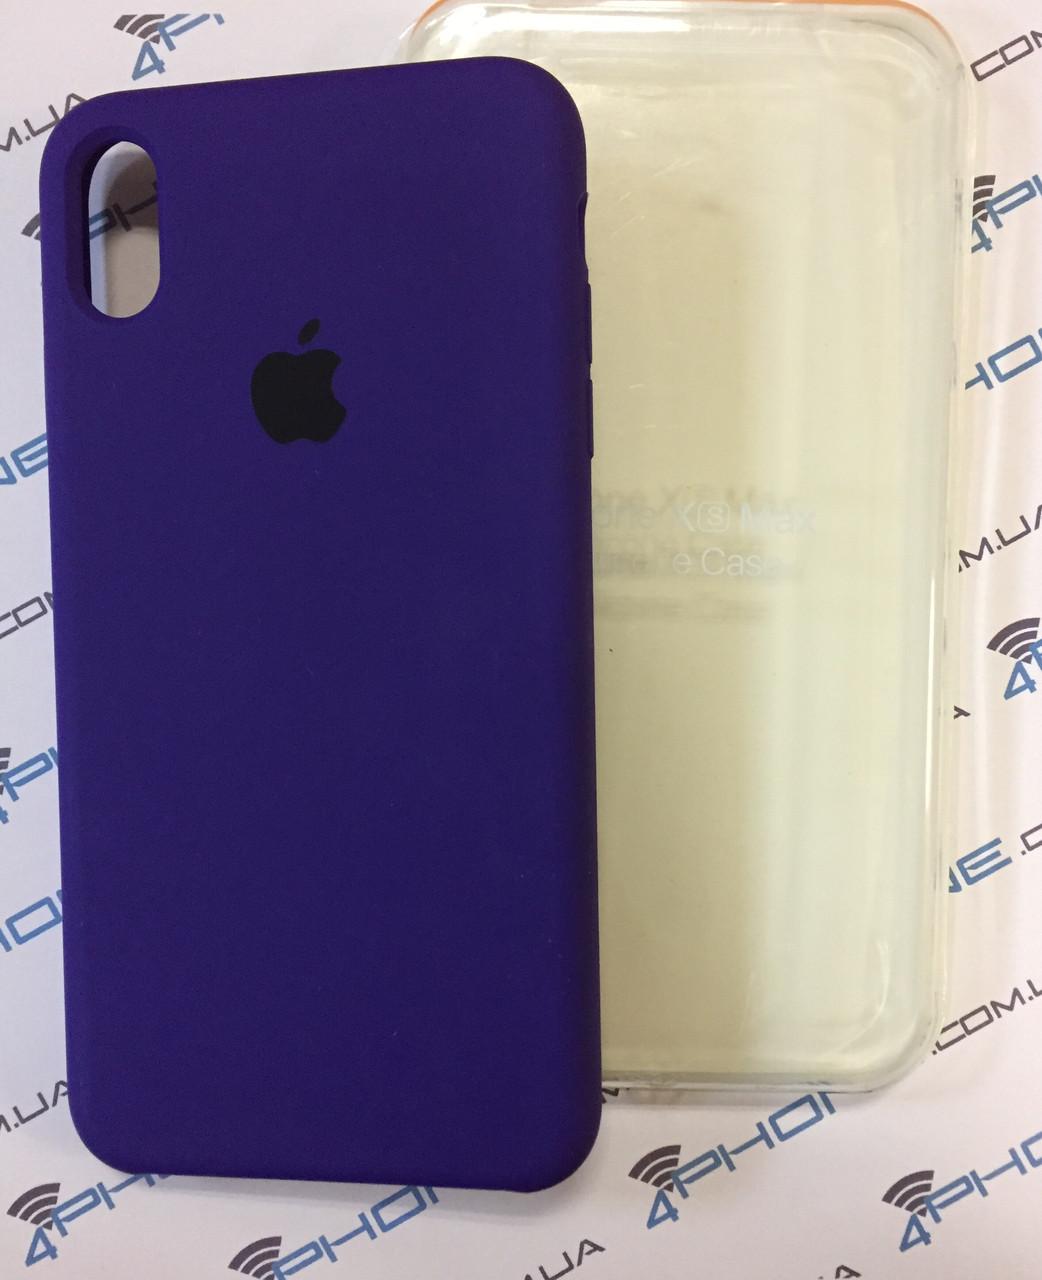 Силиконовый чехол для iPhone Xs Max, - «ультрафіолетовий» - copy original